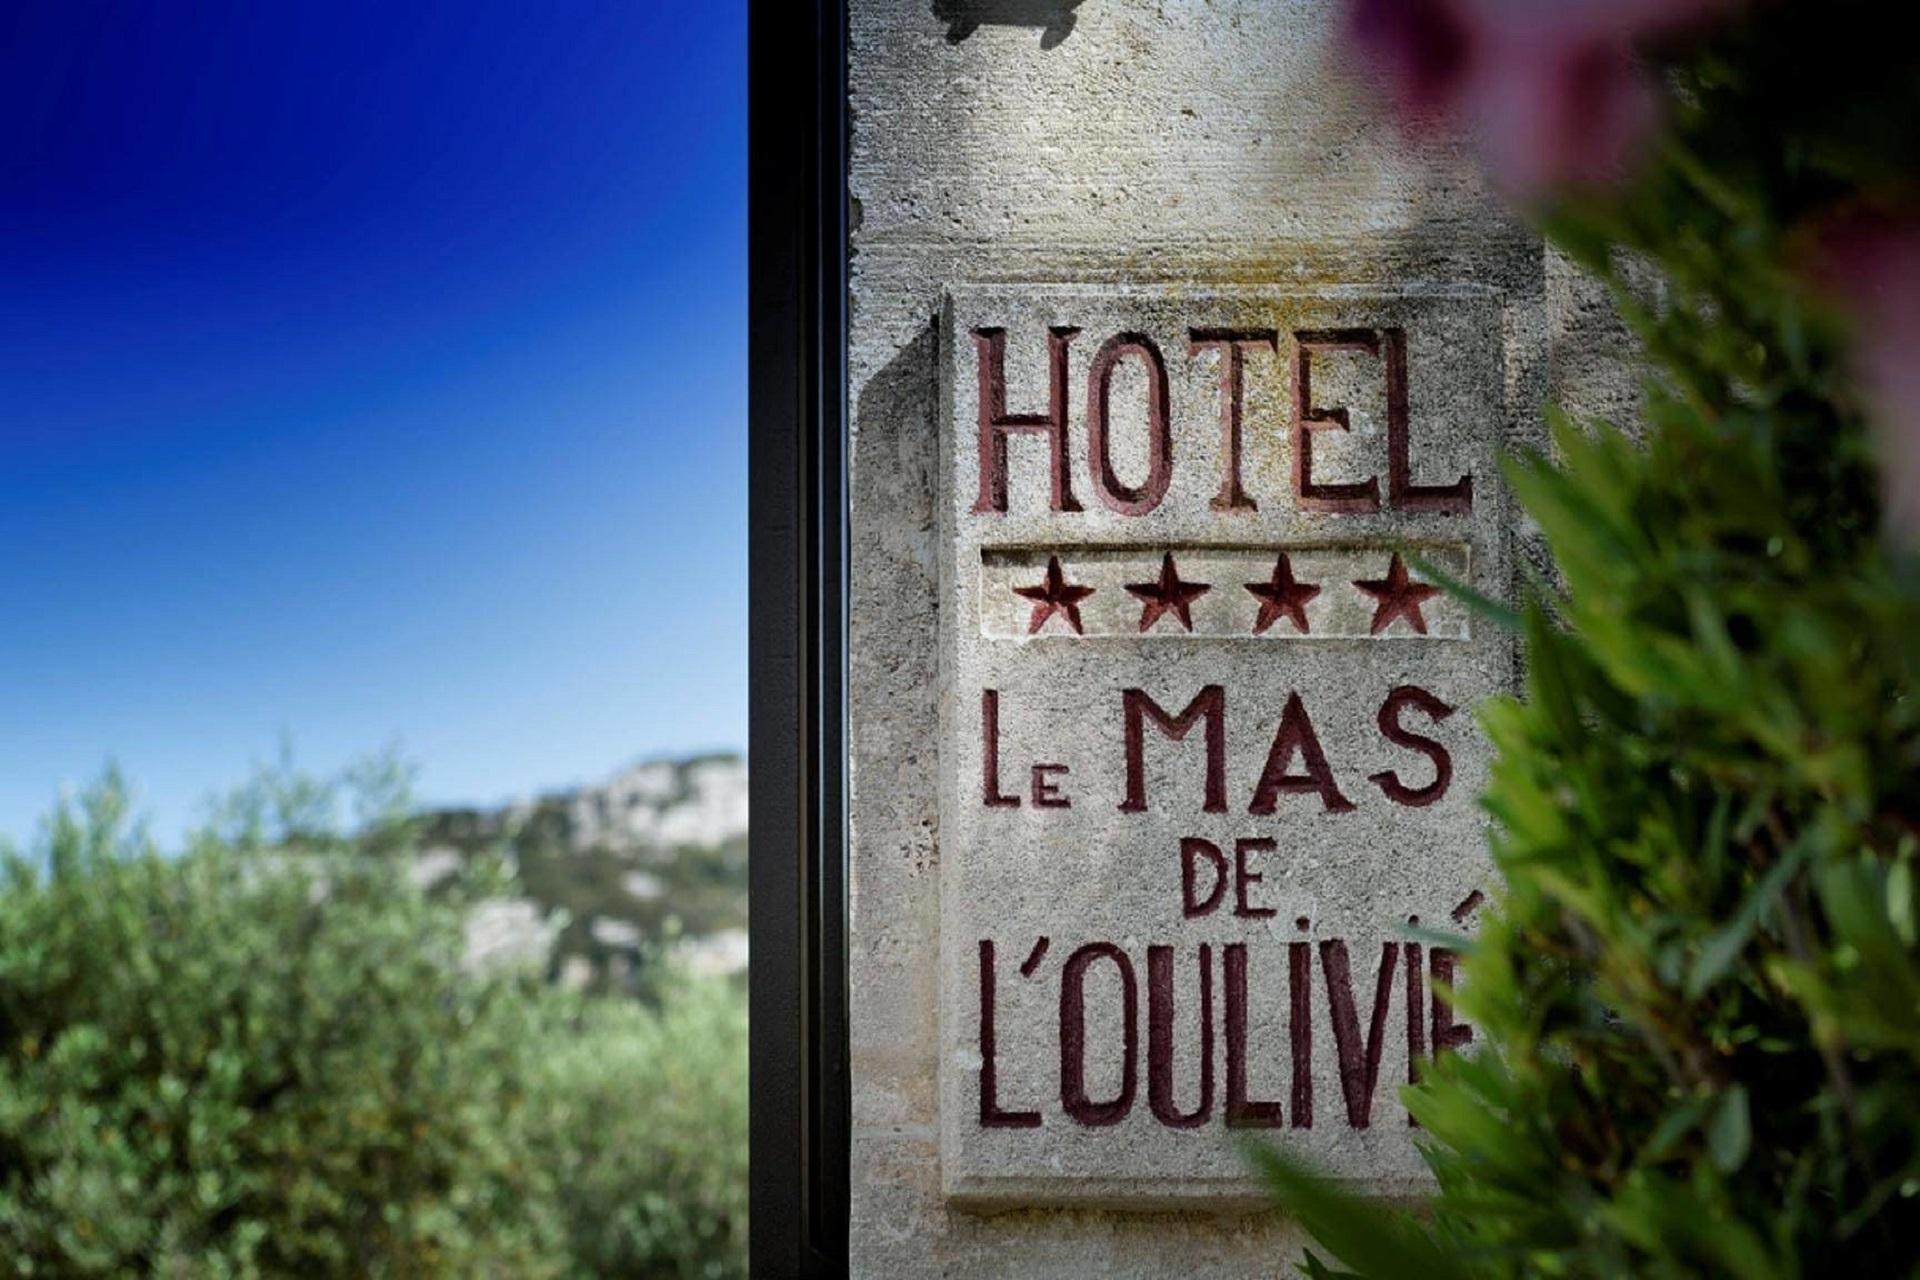 Mas-de-l'oulivie-Les-Baux-de-Provence-avignon-seminaires-de-caractere (3)